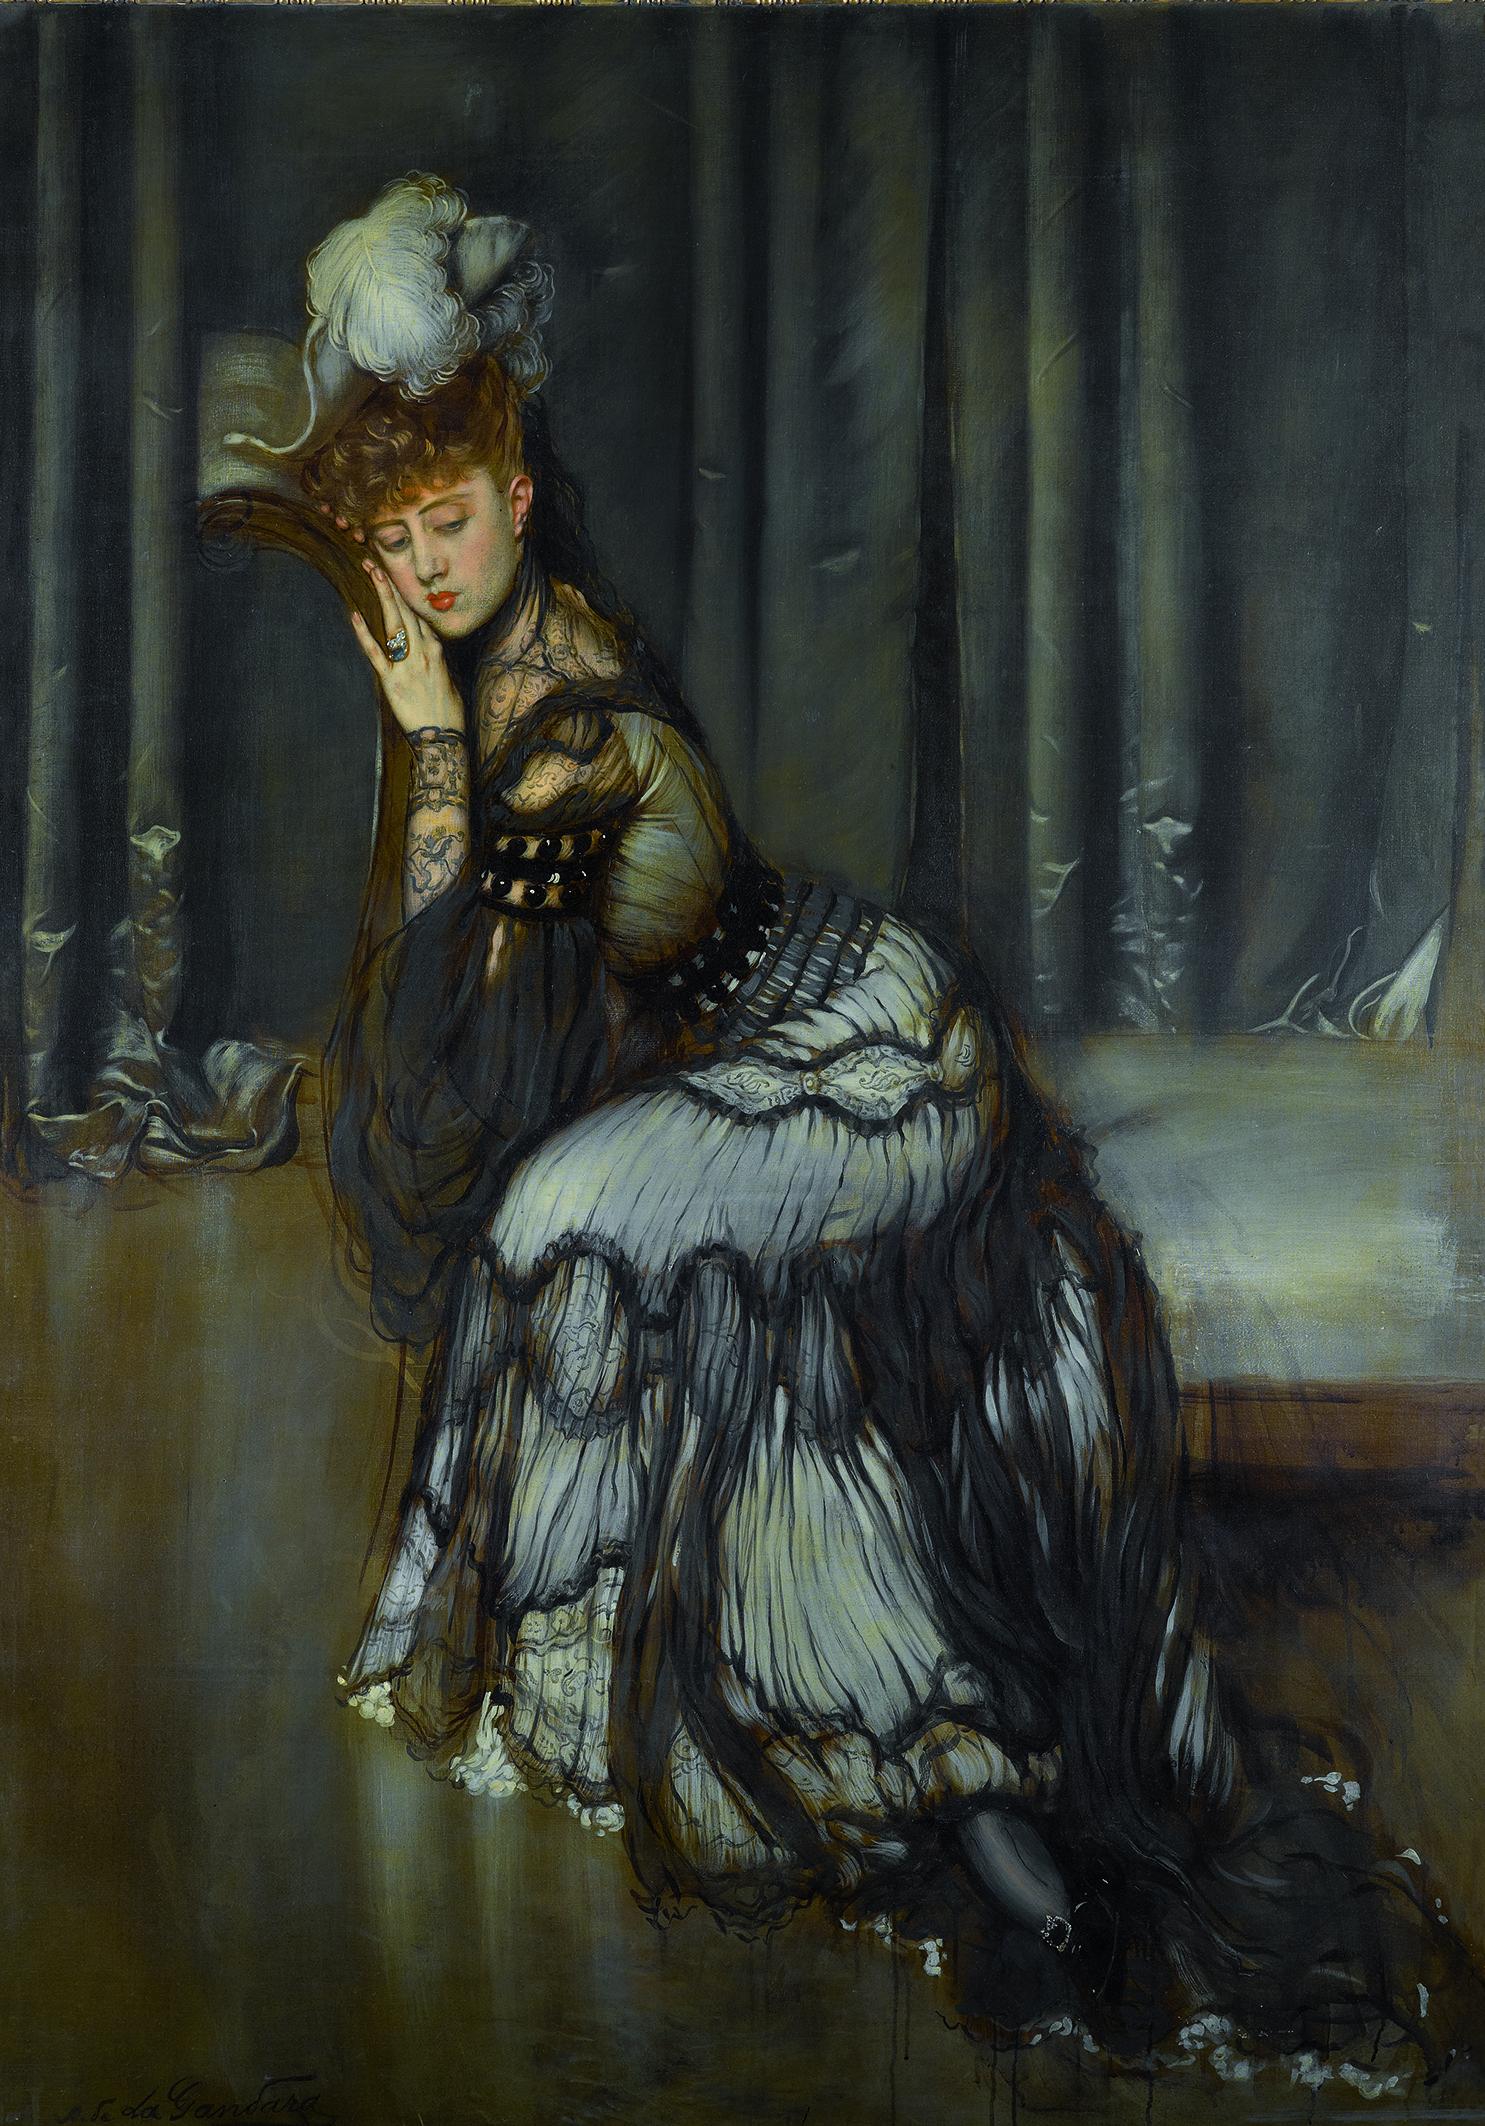 Antonio de La Gandara - Portrait de Madame Rémy Salvator, 1900-1902, Huile sur toile © Archives de l'expert